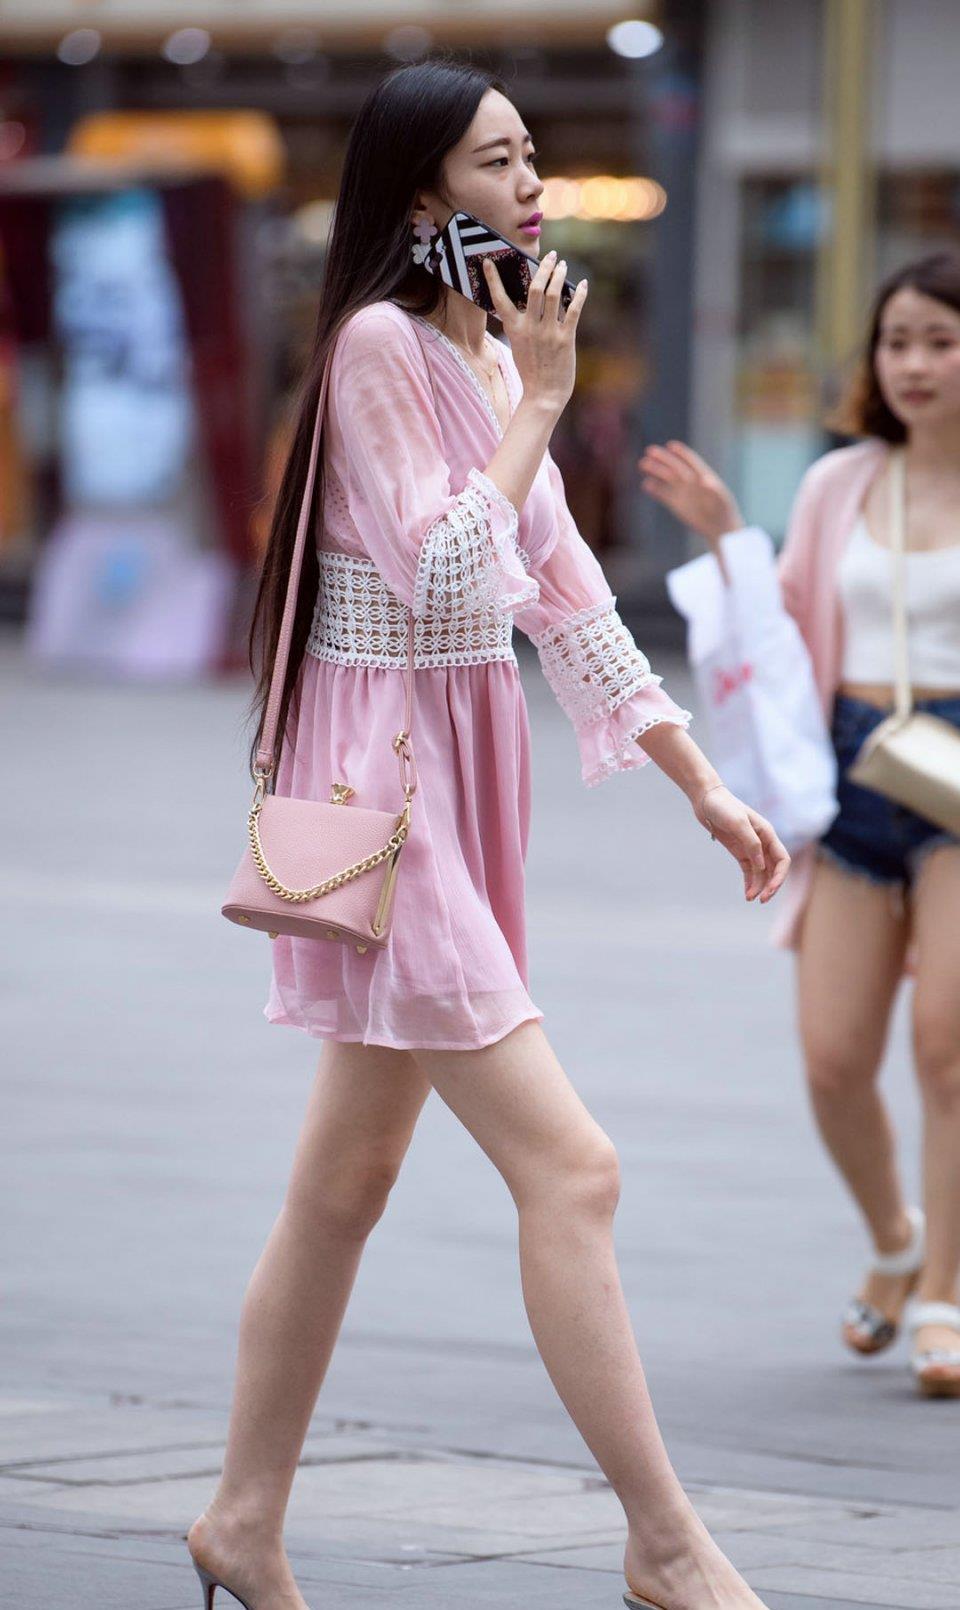 时尚街拍:连衣裙搭配粉色包包, 简约时尚, 尽显优雅女神姿